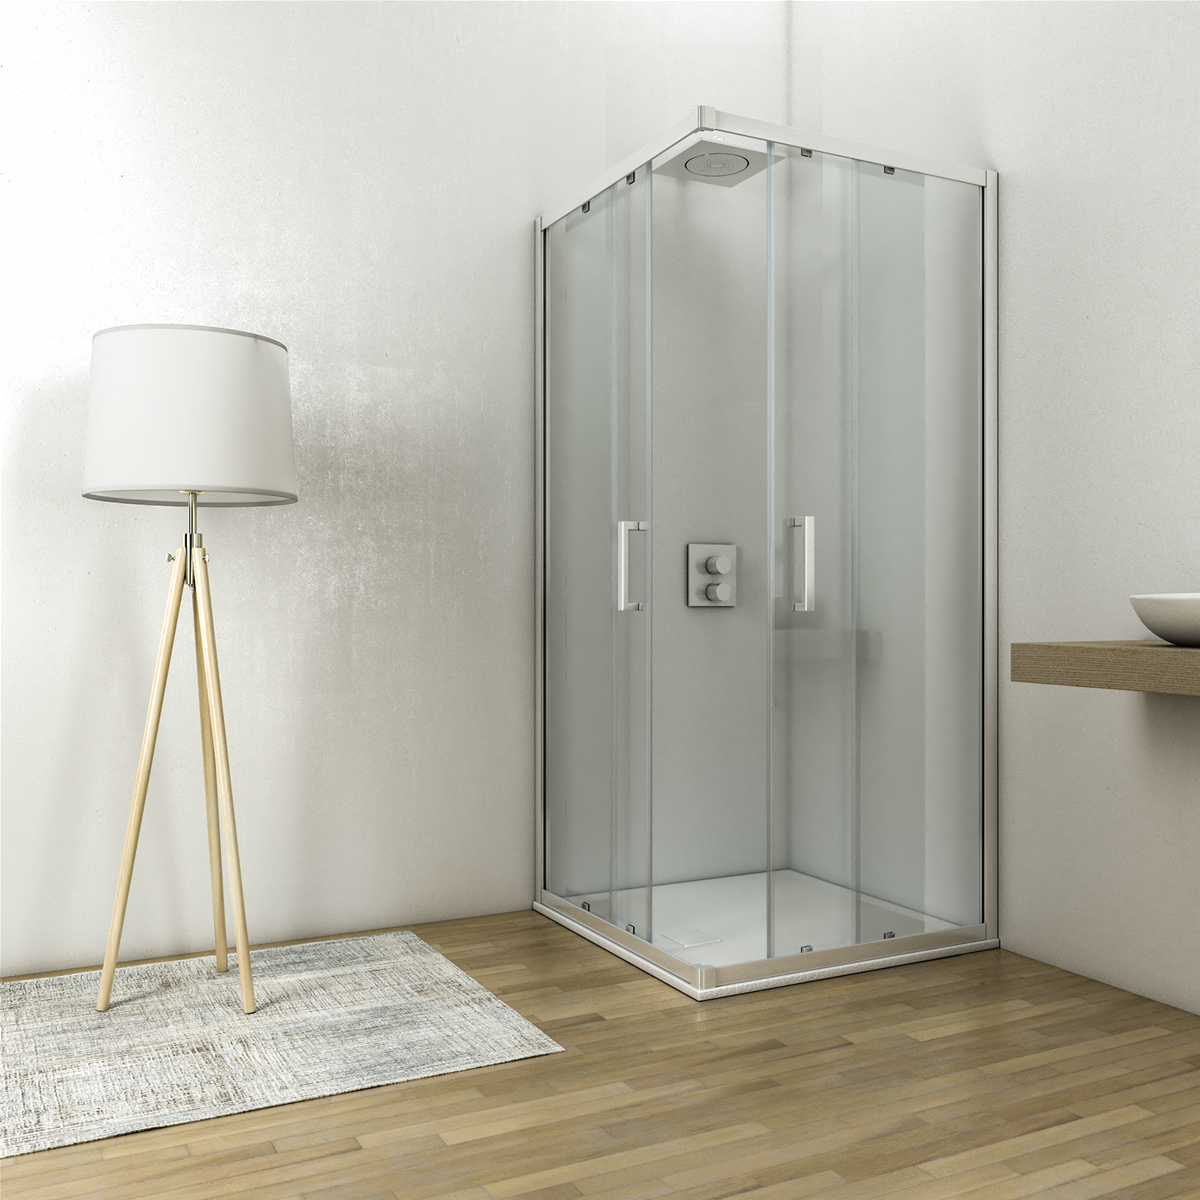 Box doccia angolare 90x90 h.195 profilo cromo cristallo temperato 6mm